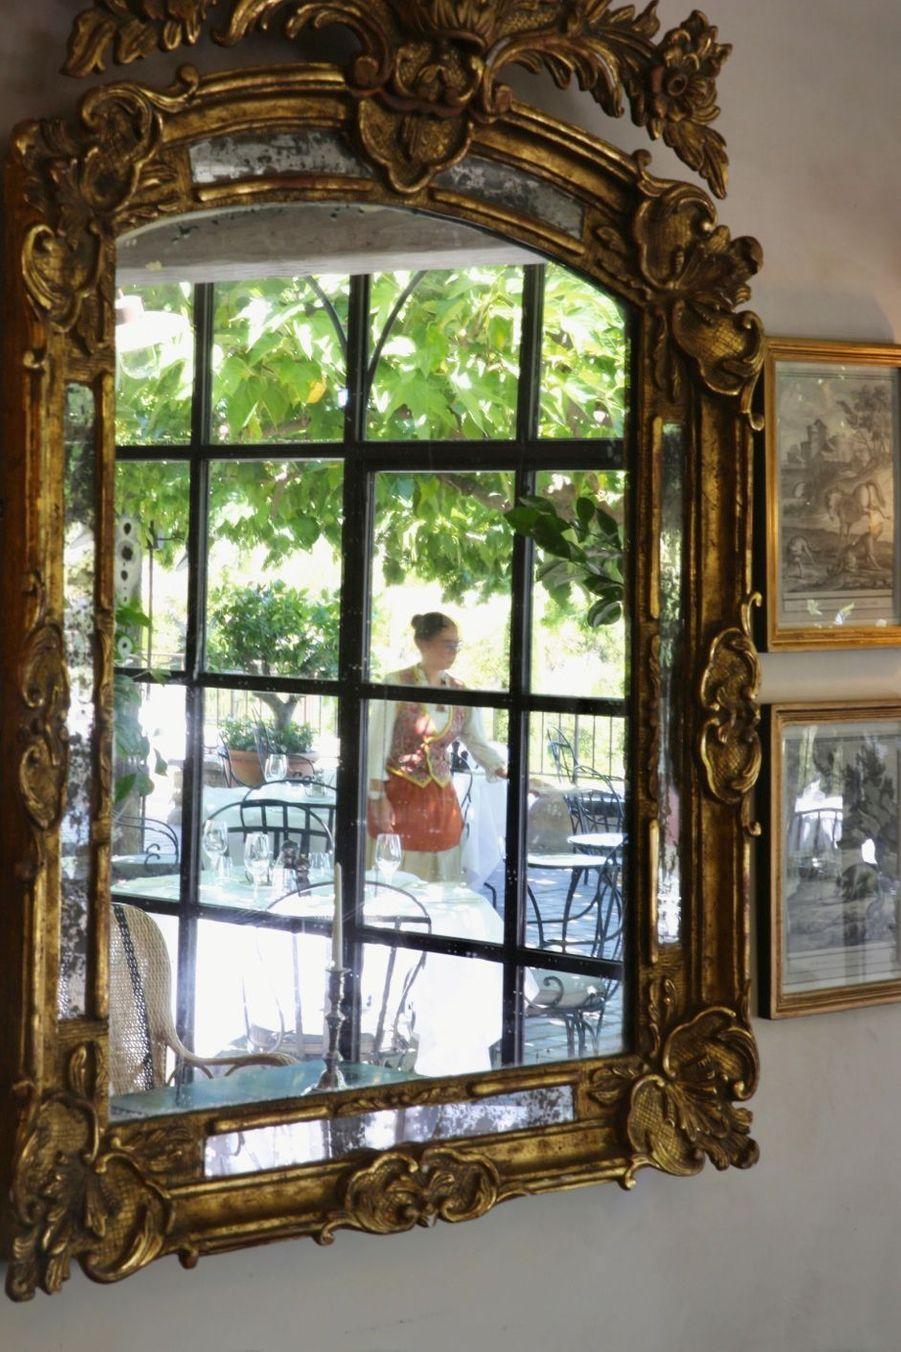 Dans le reflet du miroir, la terrasse du restaurant L'Orangerie.